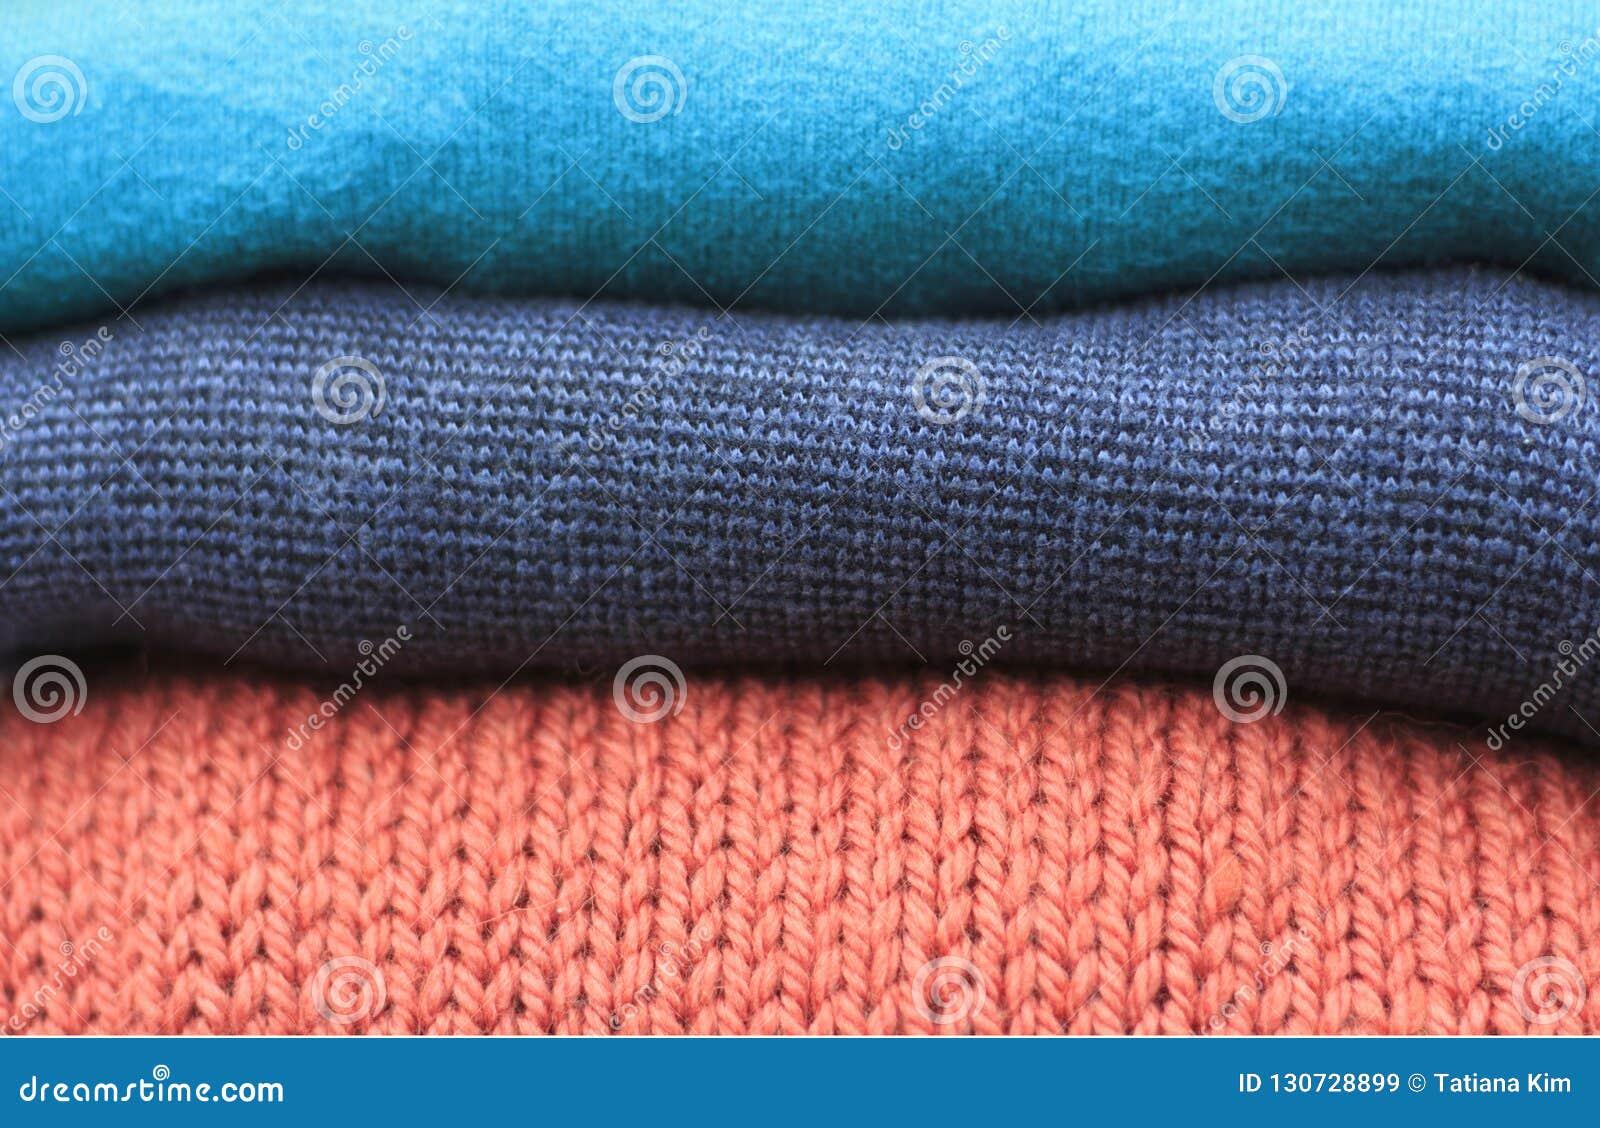 Pile de chandails tricotés de laine multicolores plan rapproché, texture, fond